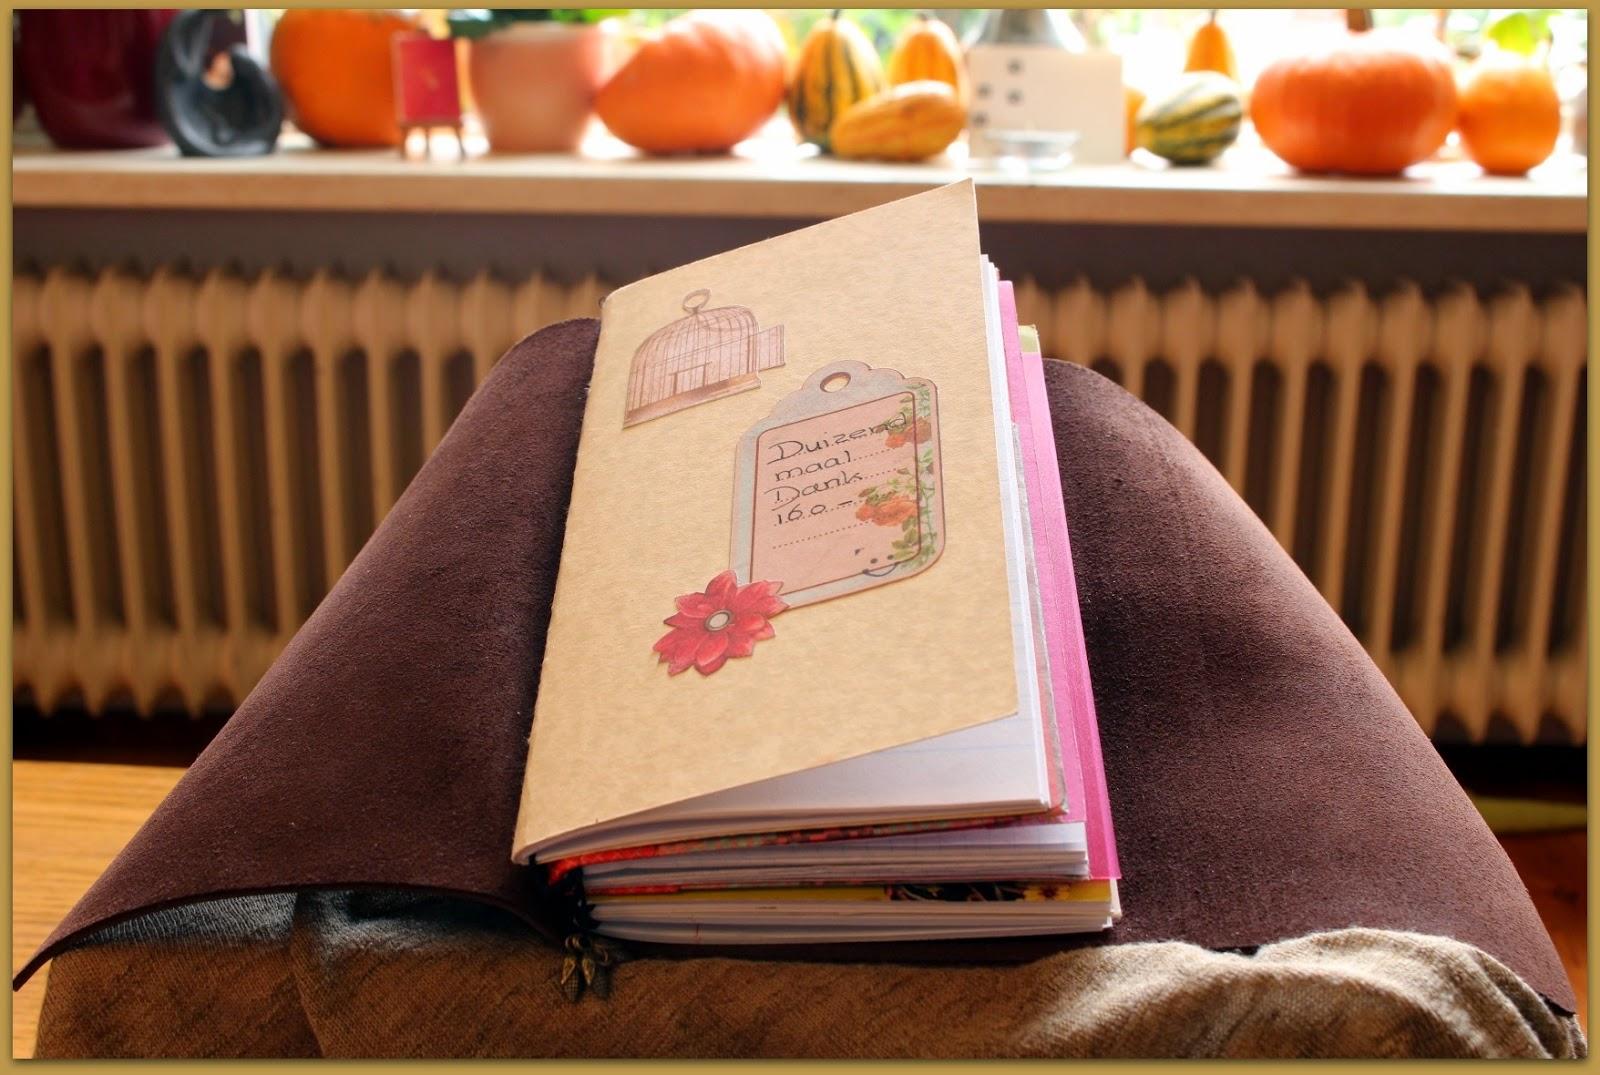 Midori fauxdori Travelers Notebook regular size open